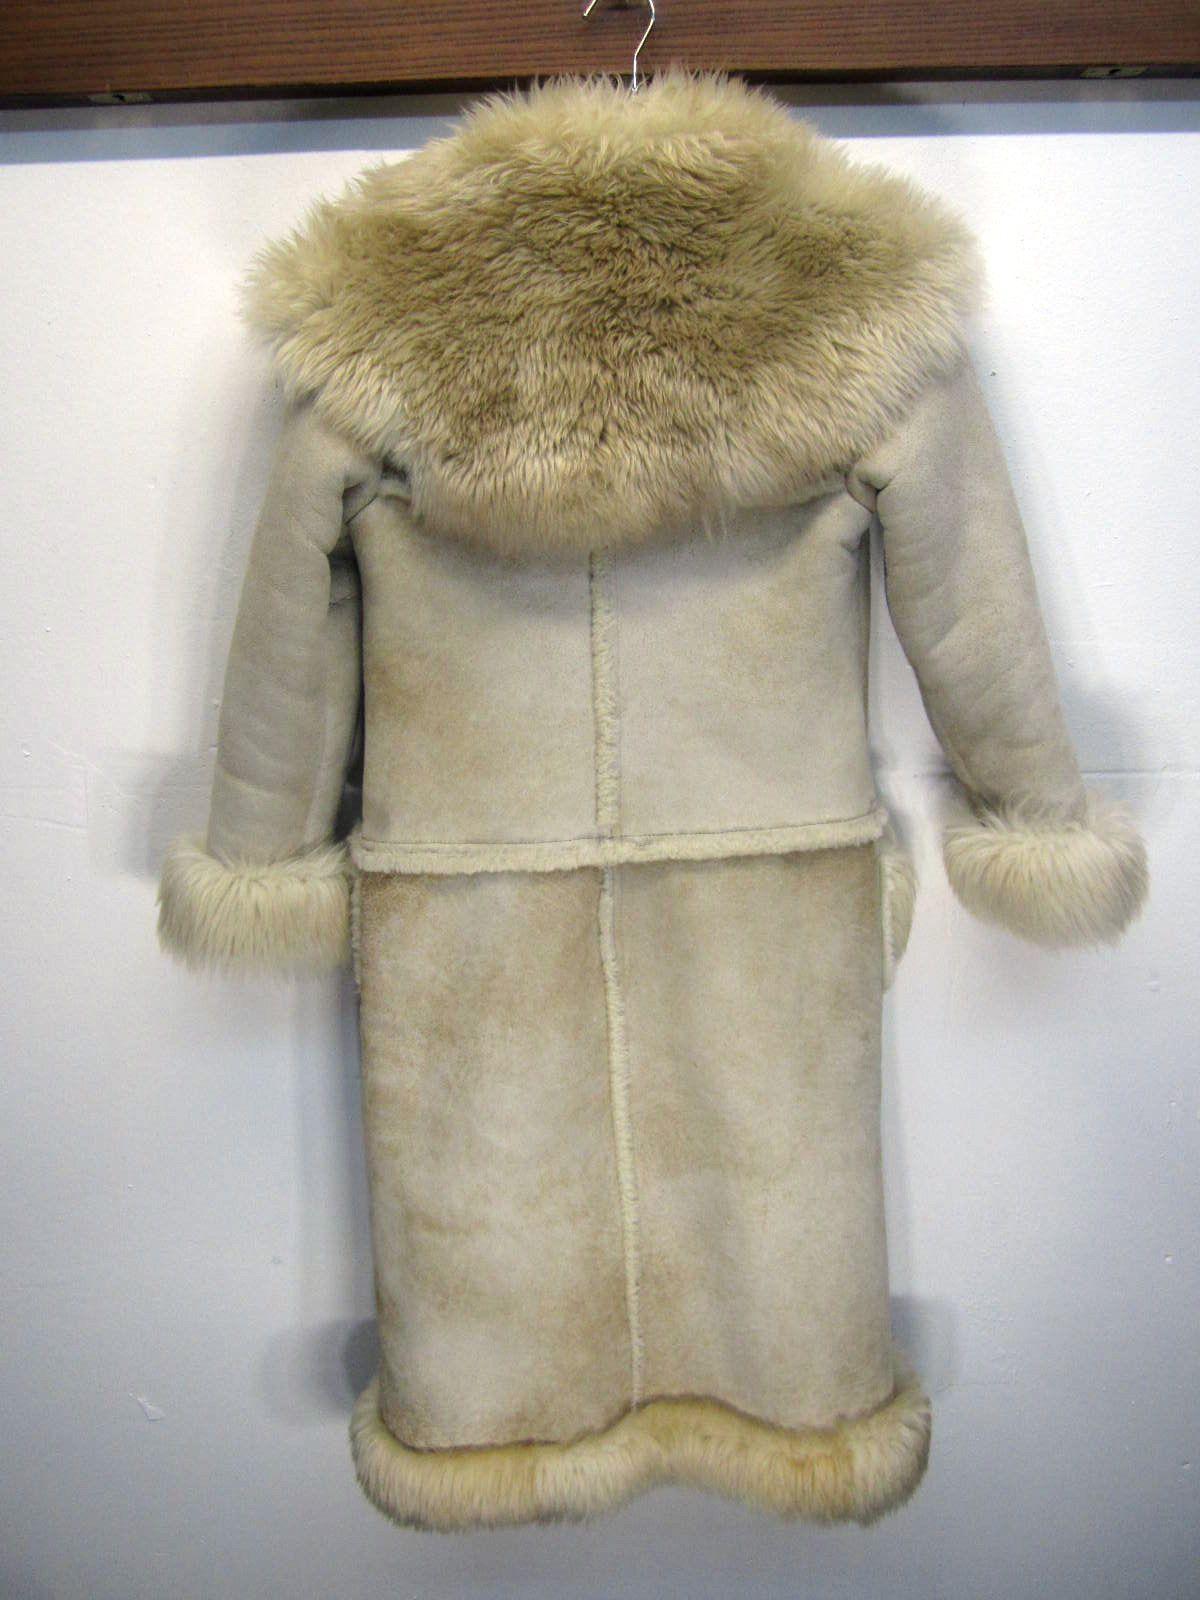 Vtg Overland Sheepskin Co Shearling Leather Coat Long Full